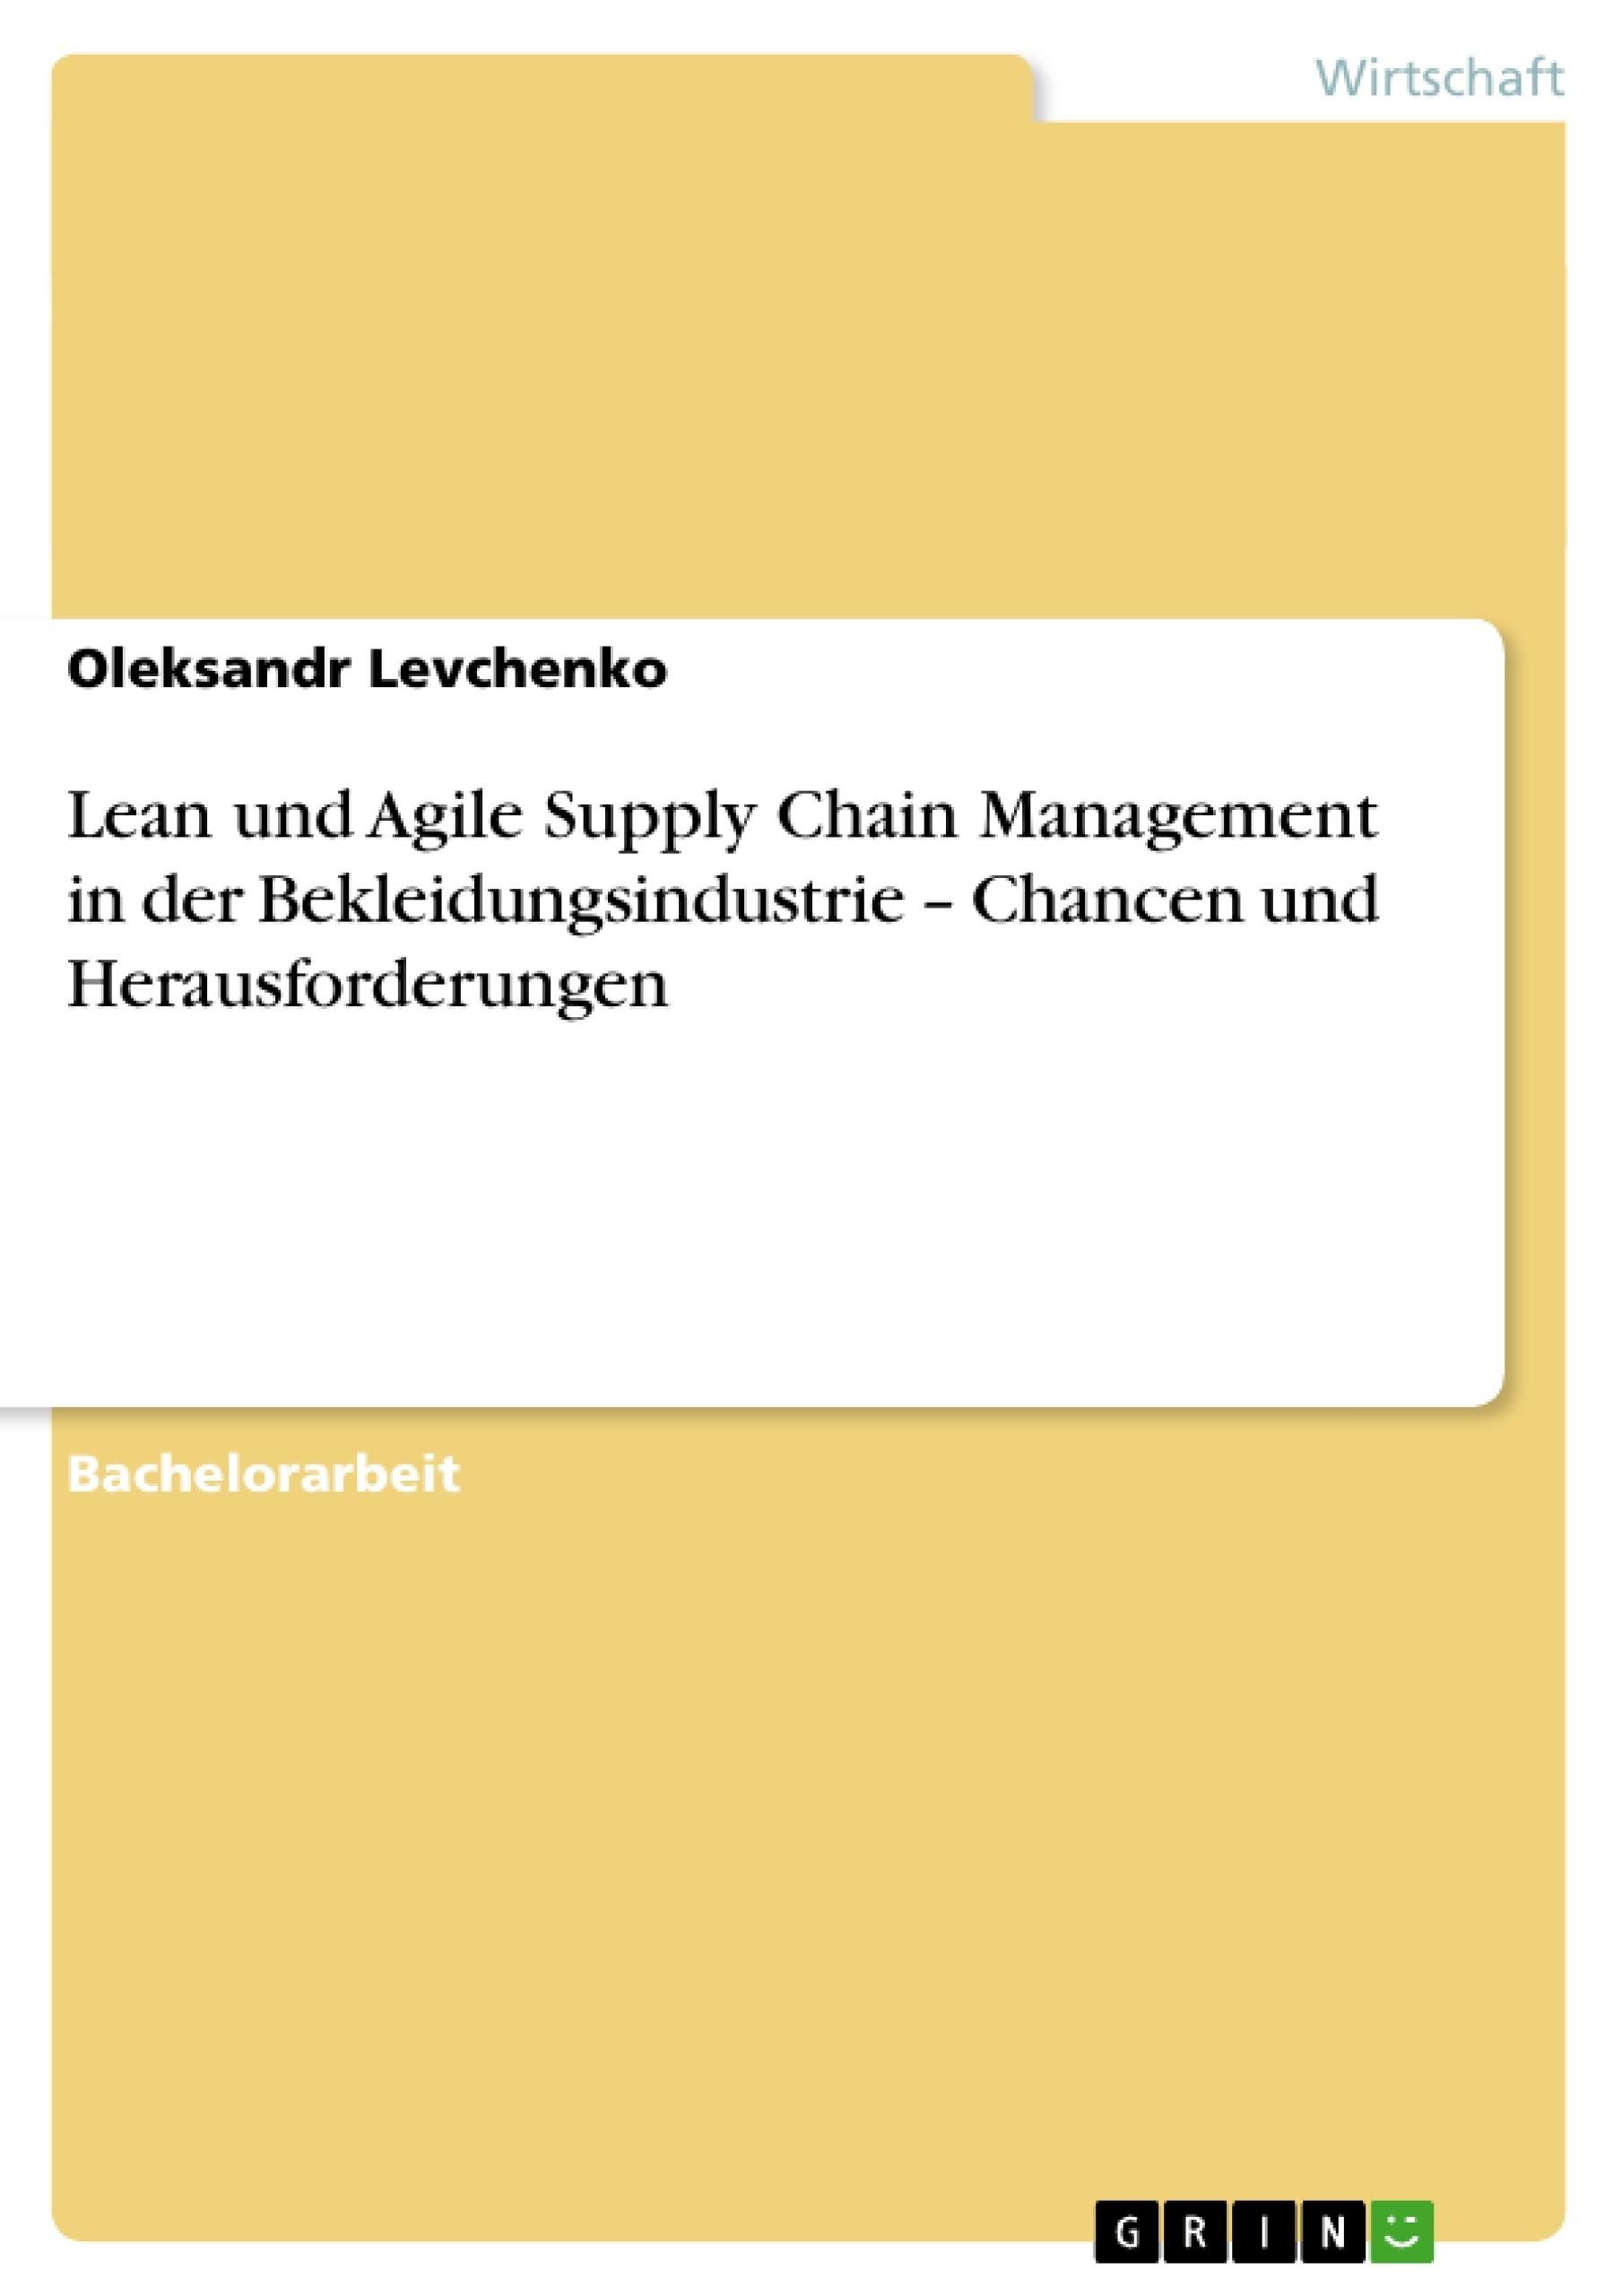 Titel: Lean und Agile Supply Chain Management in der Bekleidungsindustrie. Chancen und Herausforderungen